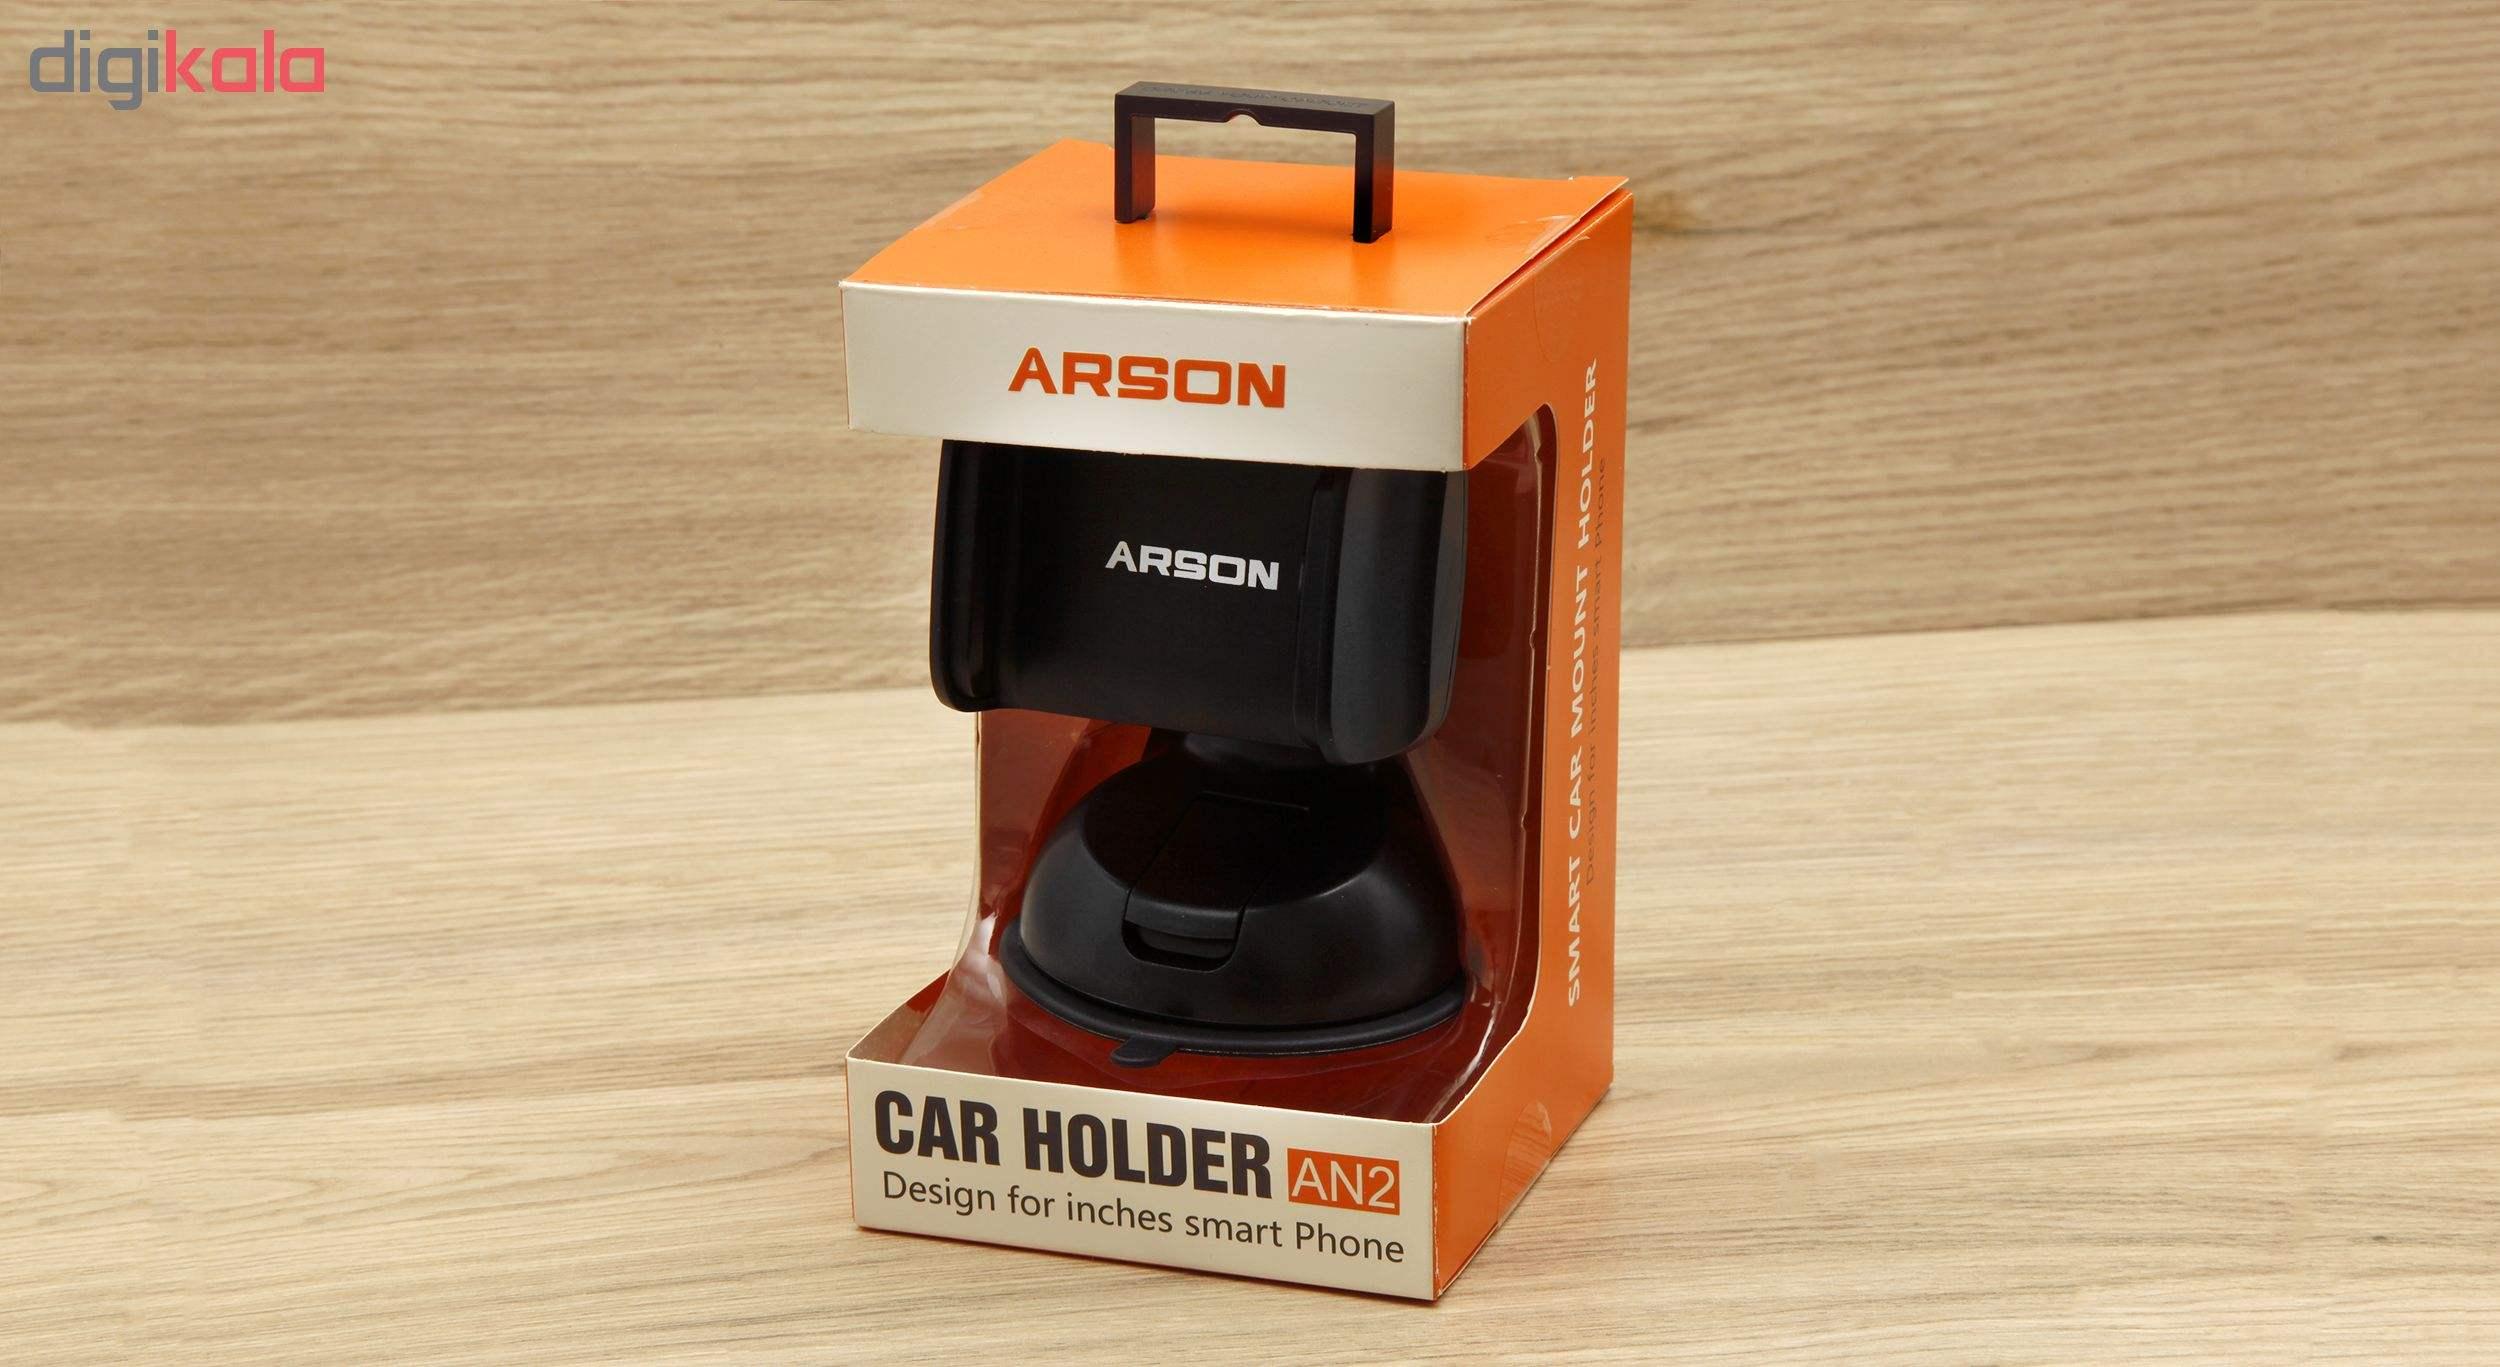 مجموعه لوازم جانبی موبایل آرسون مدل AN2 main 1 12